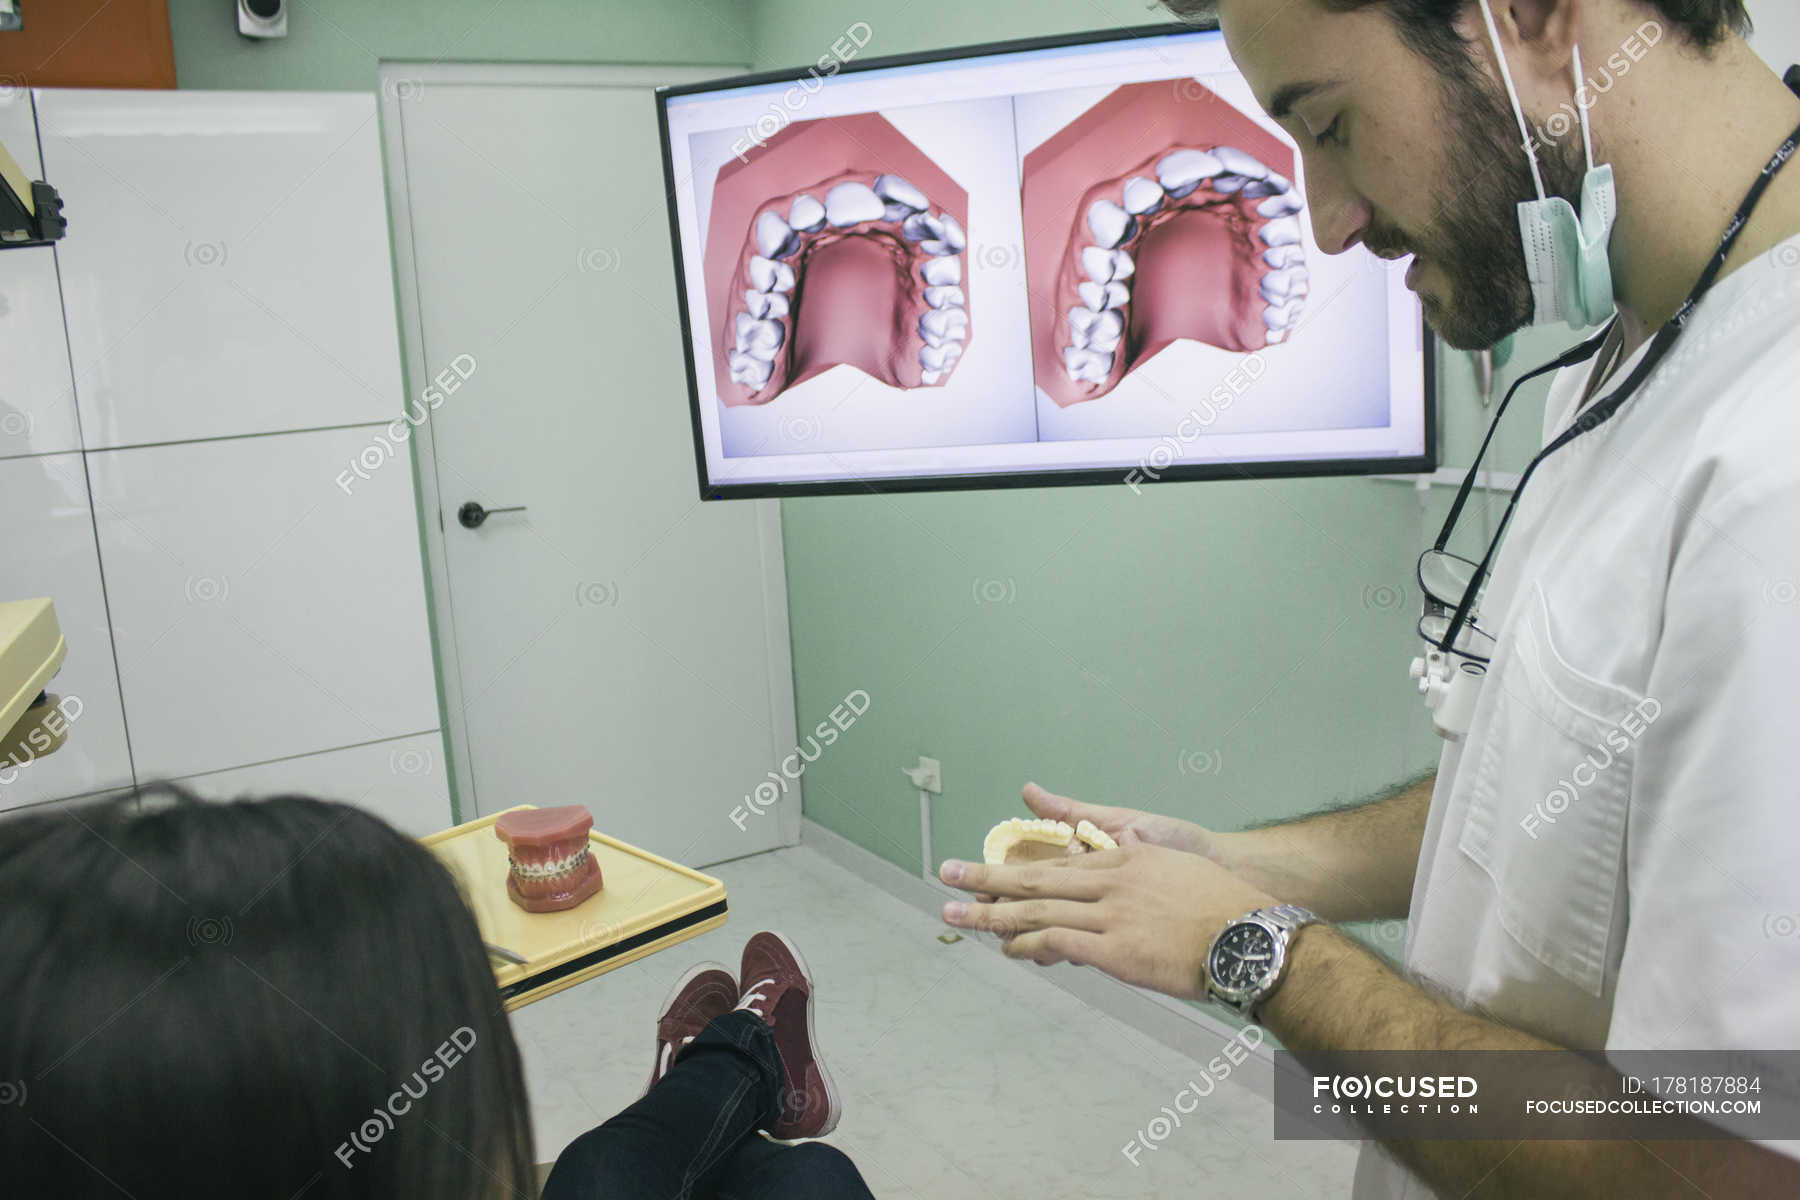 Стоматолог усыпил и трахнул кори смотреть онлайн, Стоматолог усыпил кори и трахнул Поебушки. Ком 12 фотография